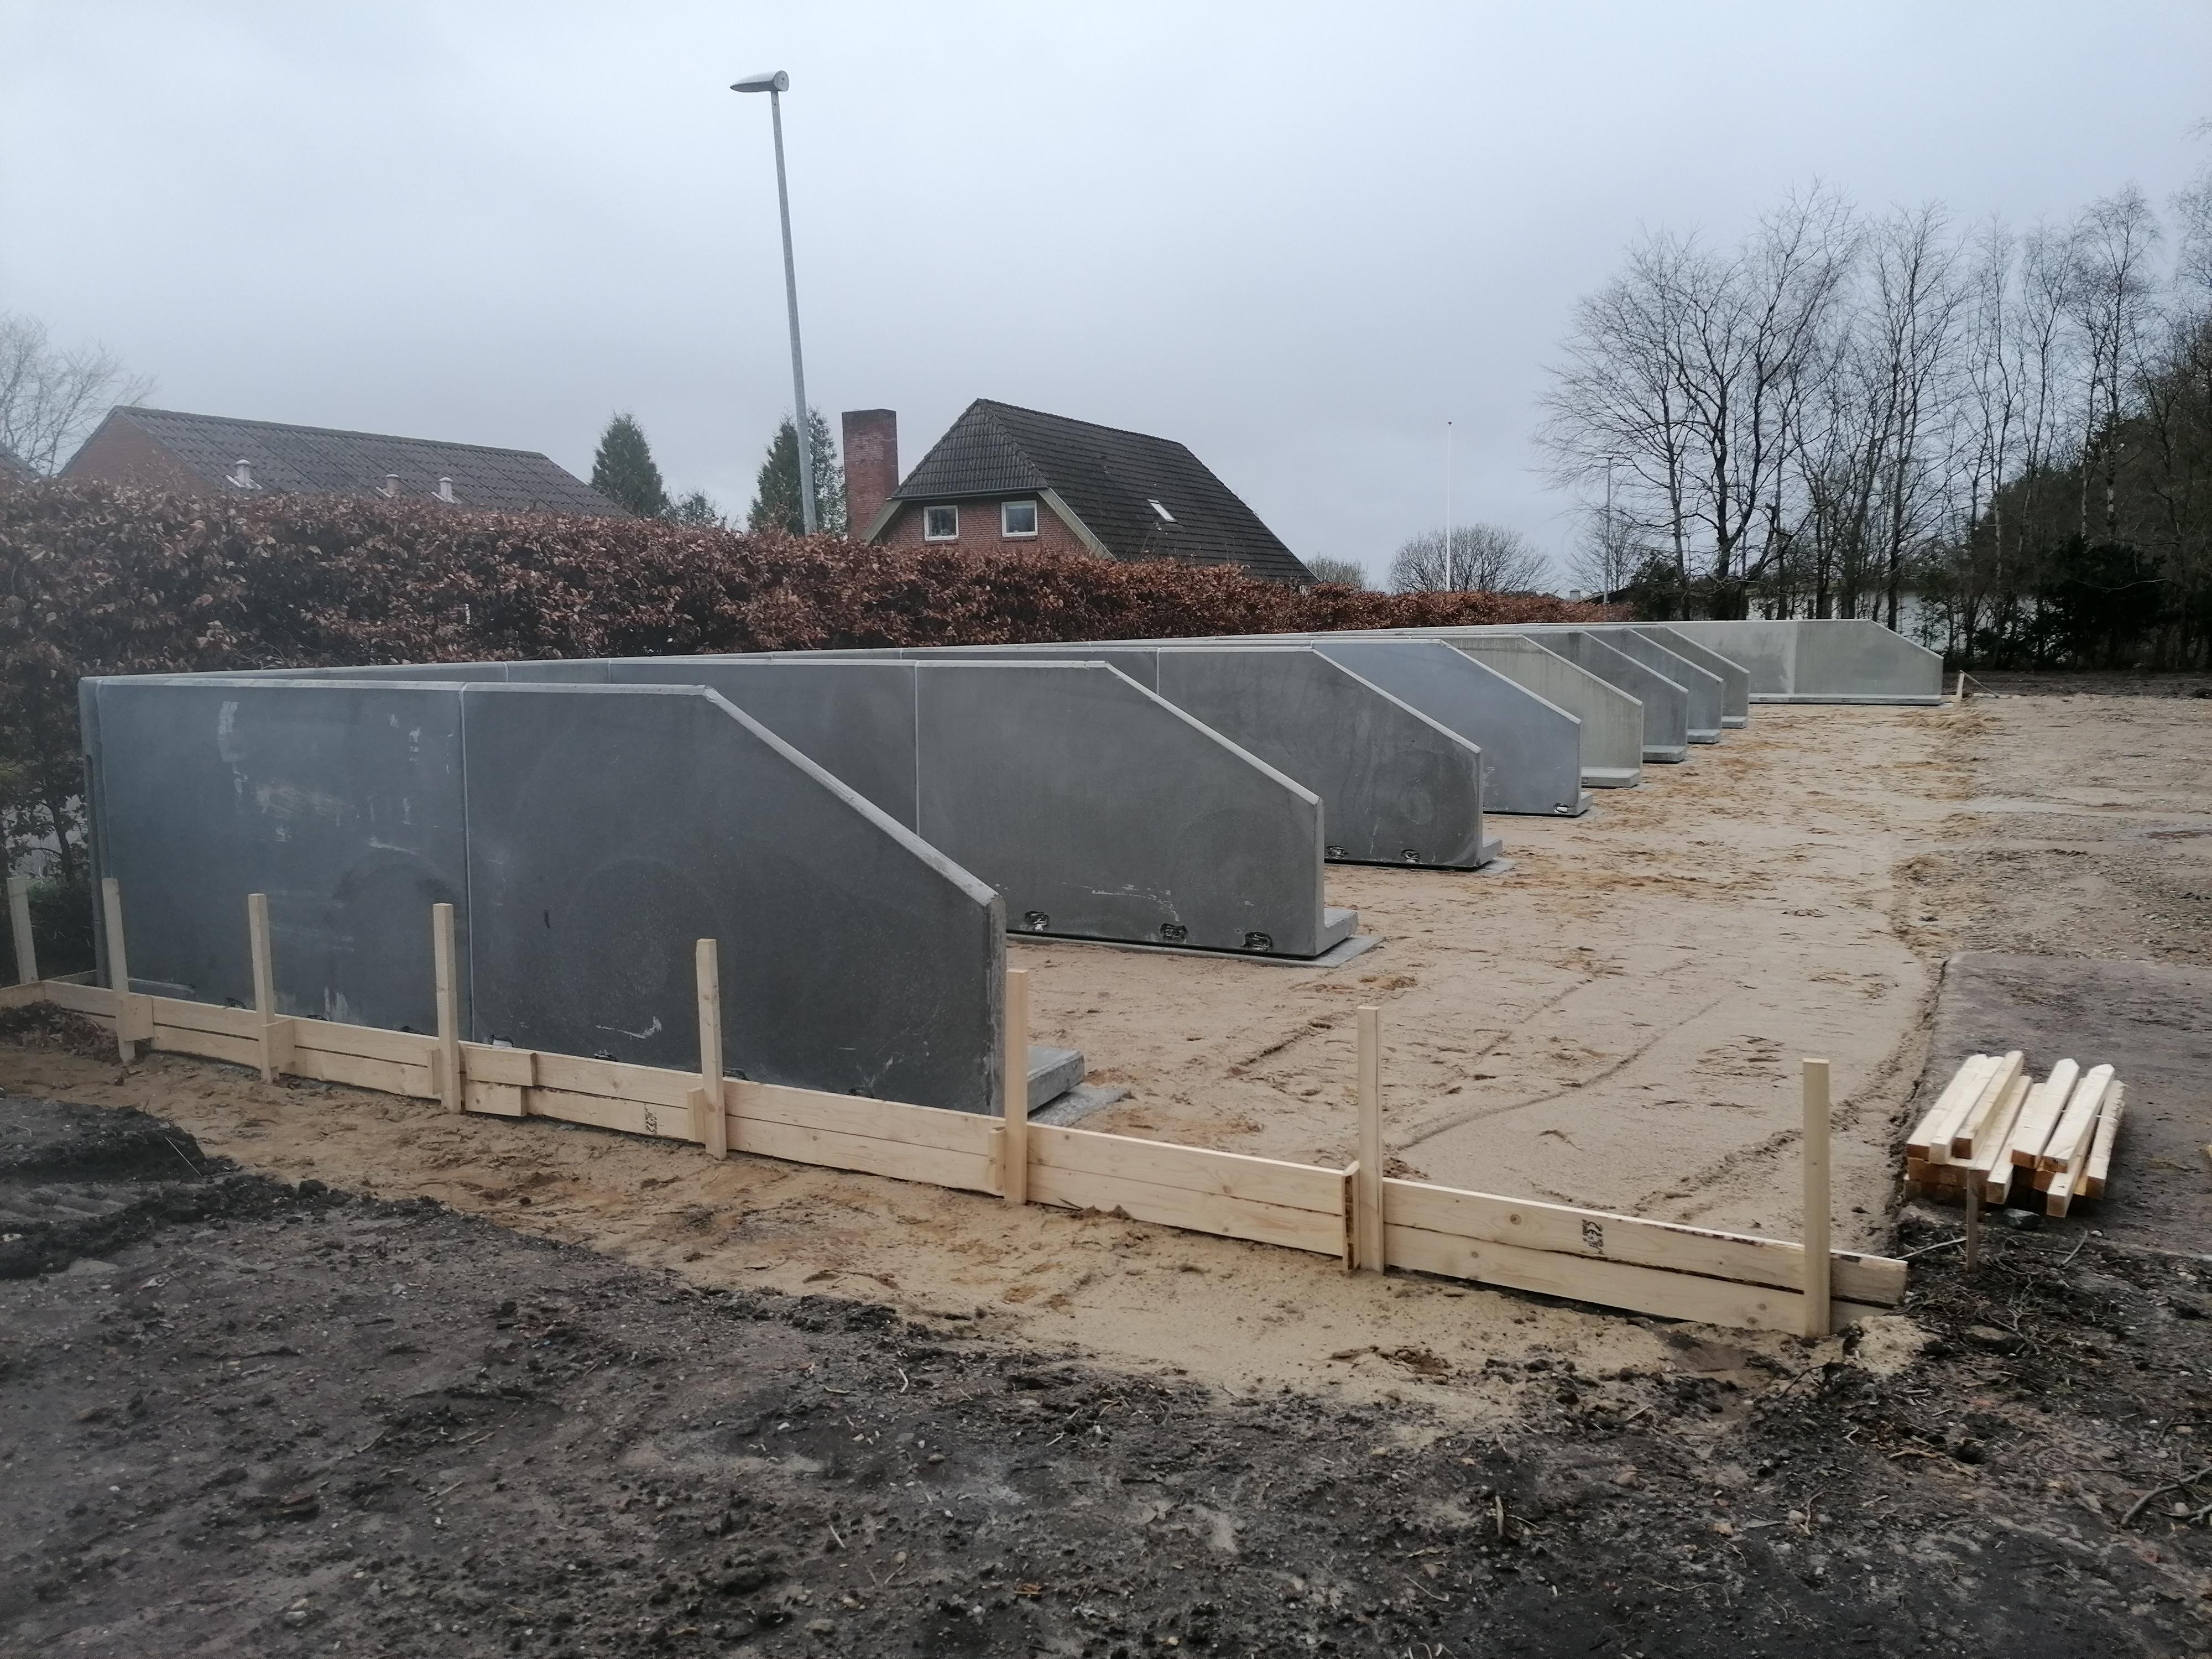 Båsesystemer - L-150 - Indretning kirkegård - L-elementer - Opbevaring af materialer